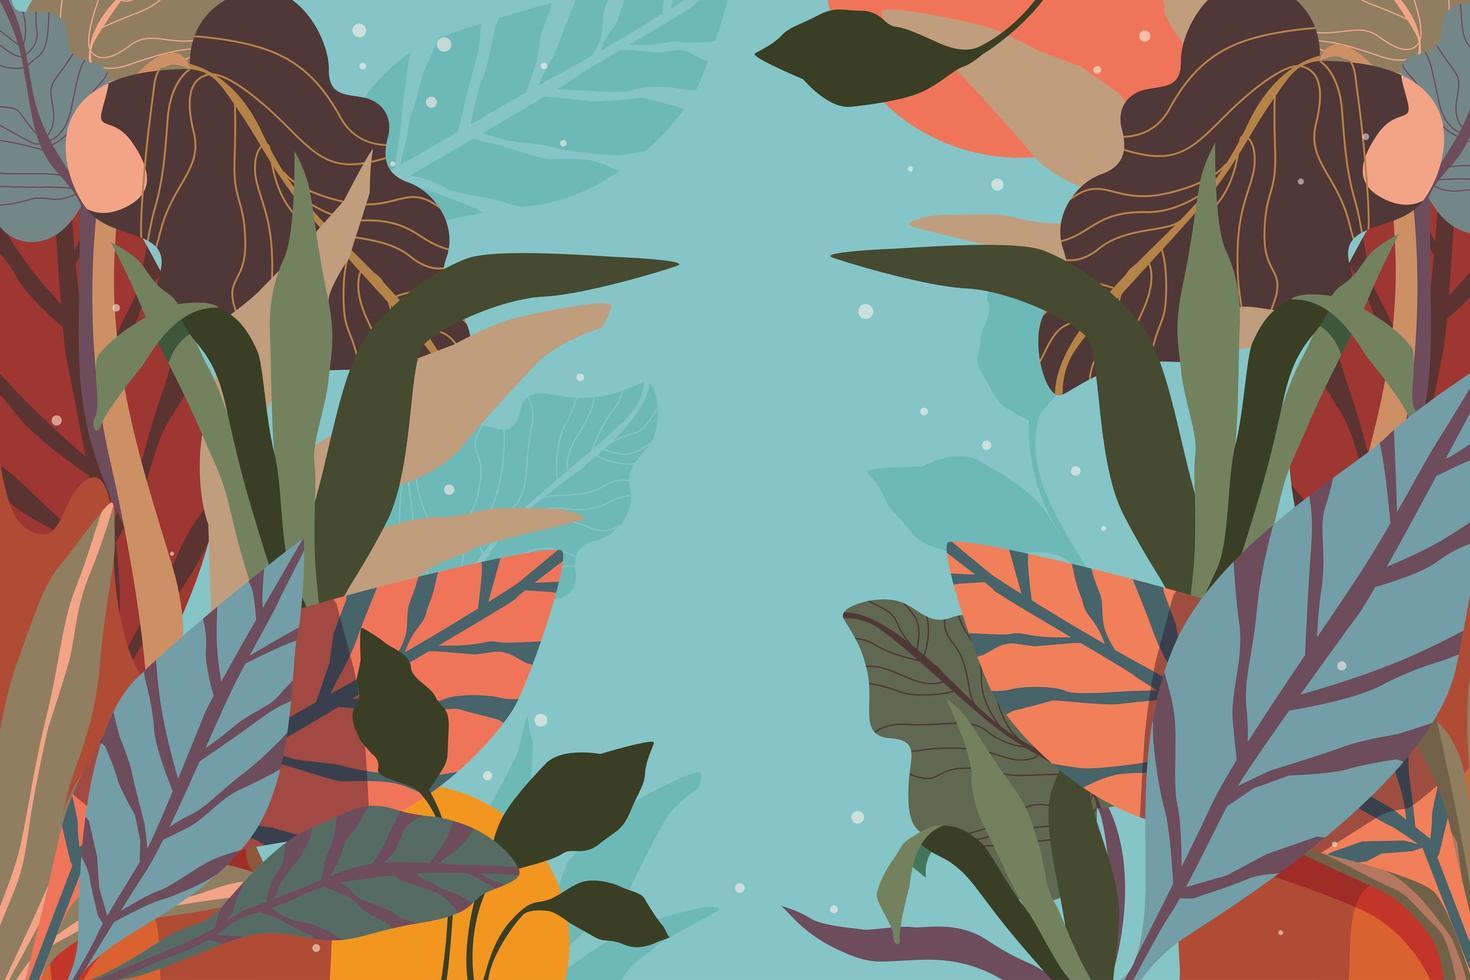 abstract gebladerte en bloemen arrangement achtergrond vector